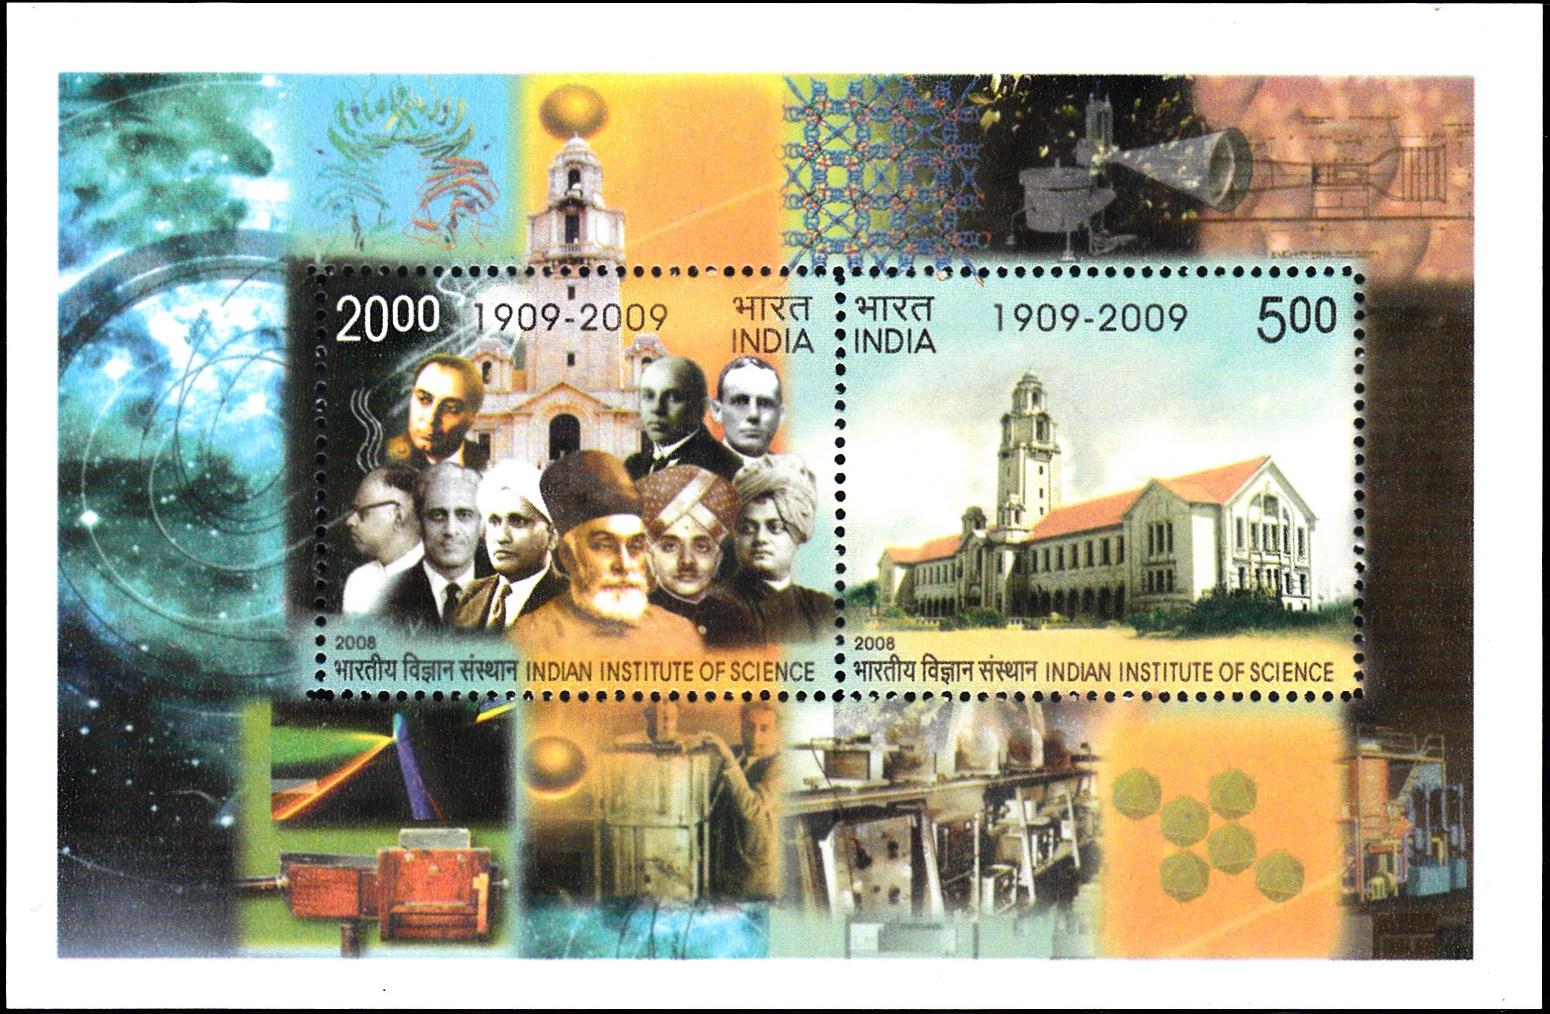 IISc Bangalore : Premier Scientific Research Institute